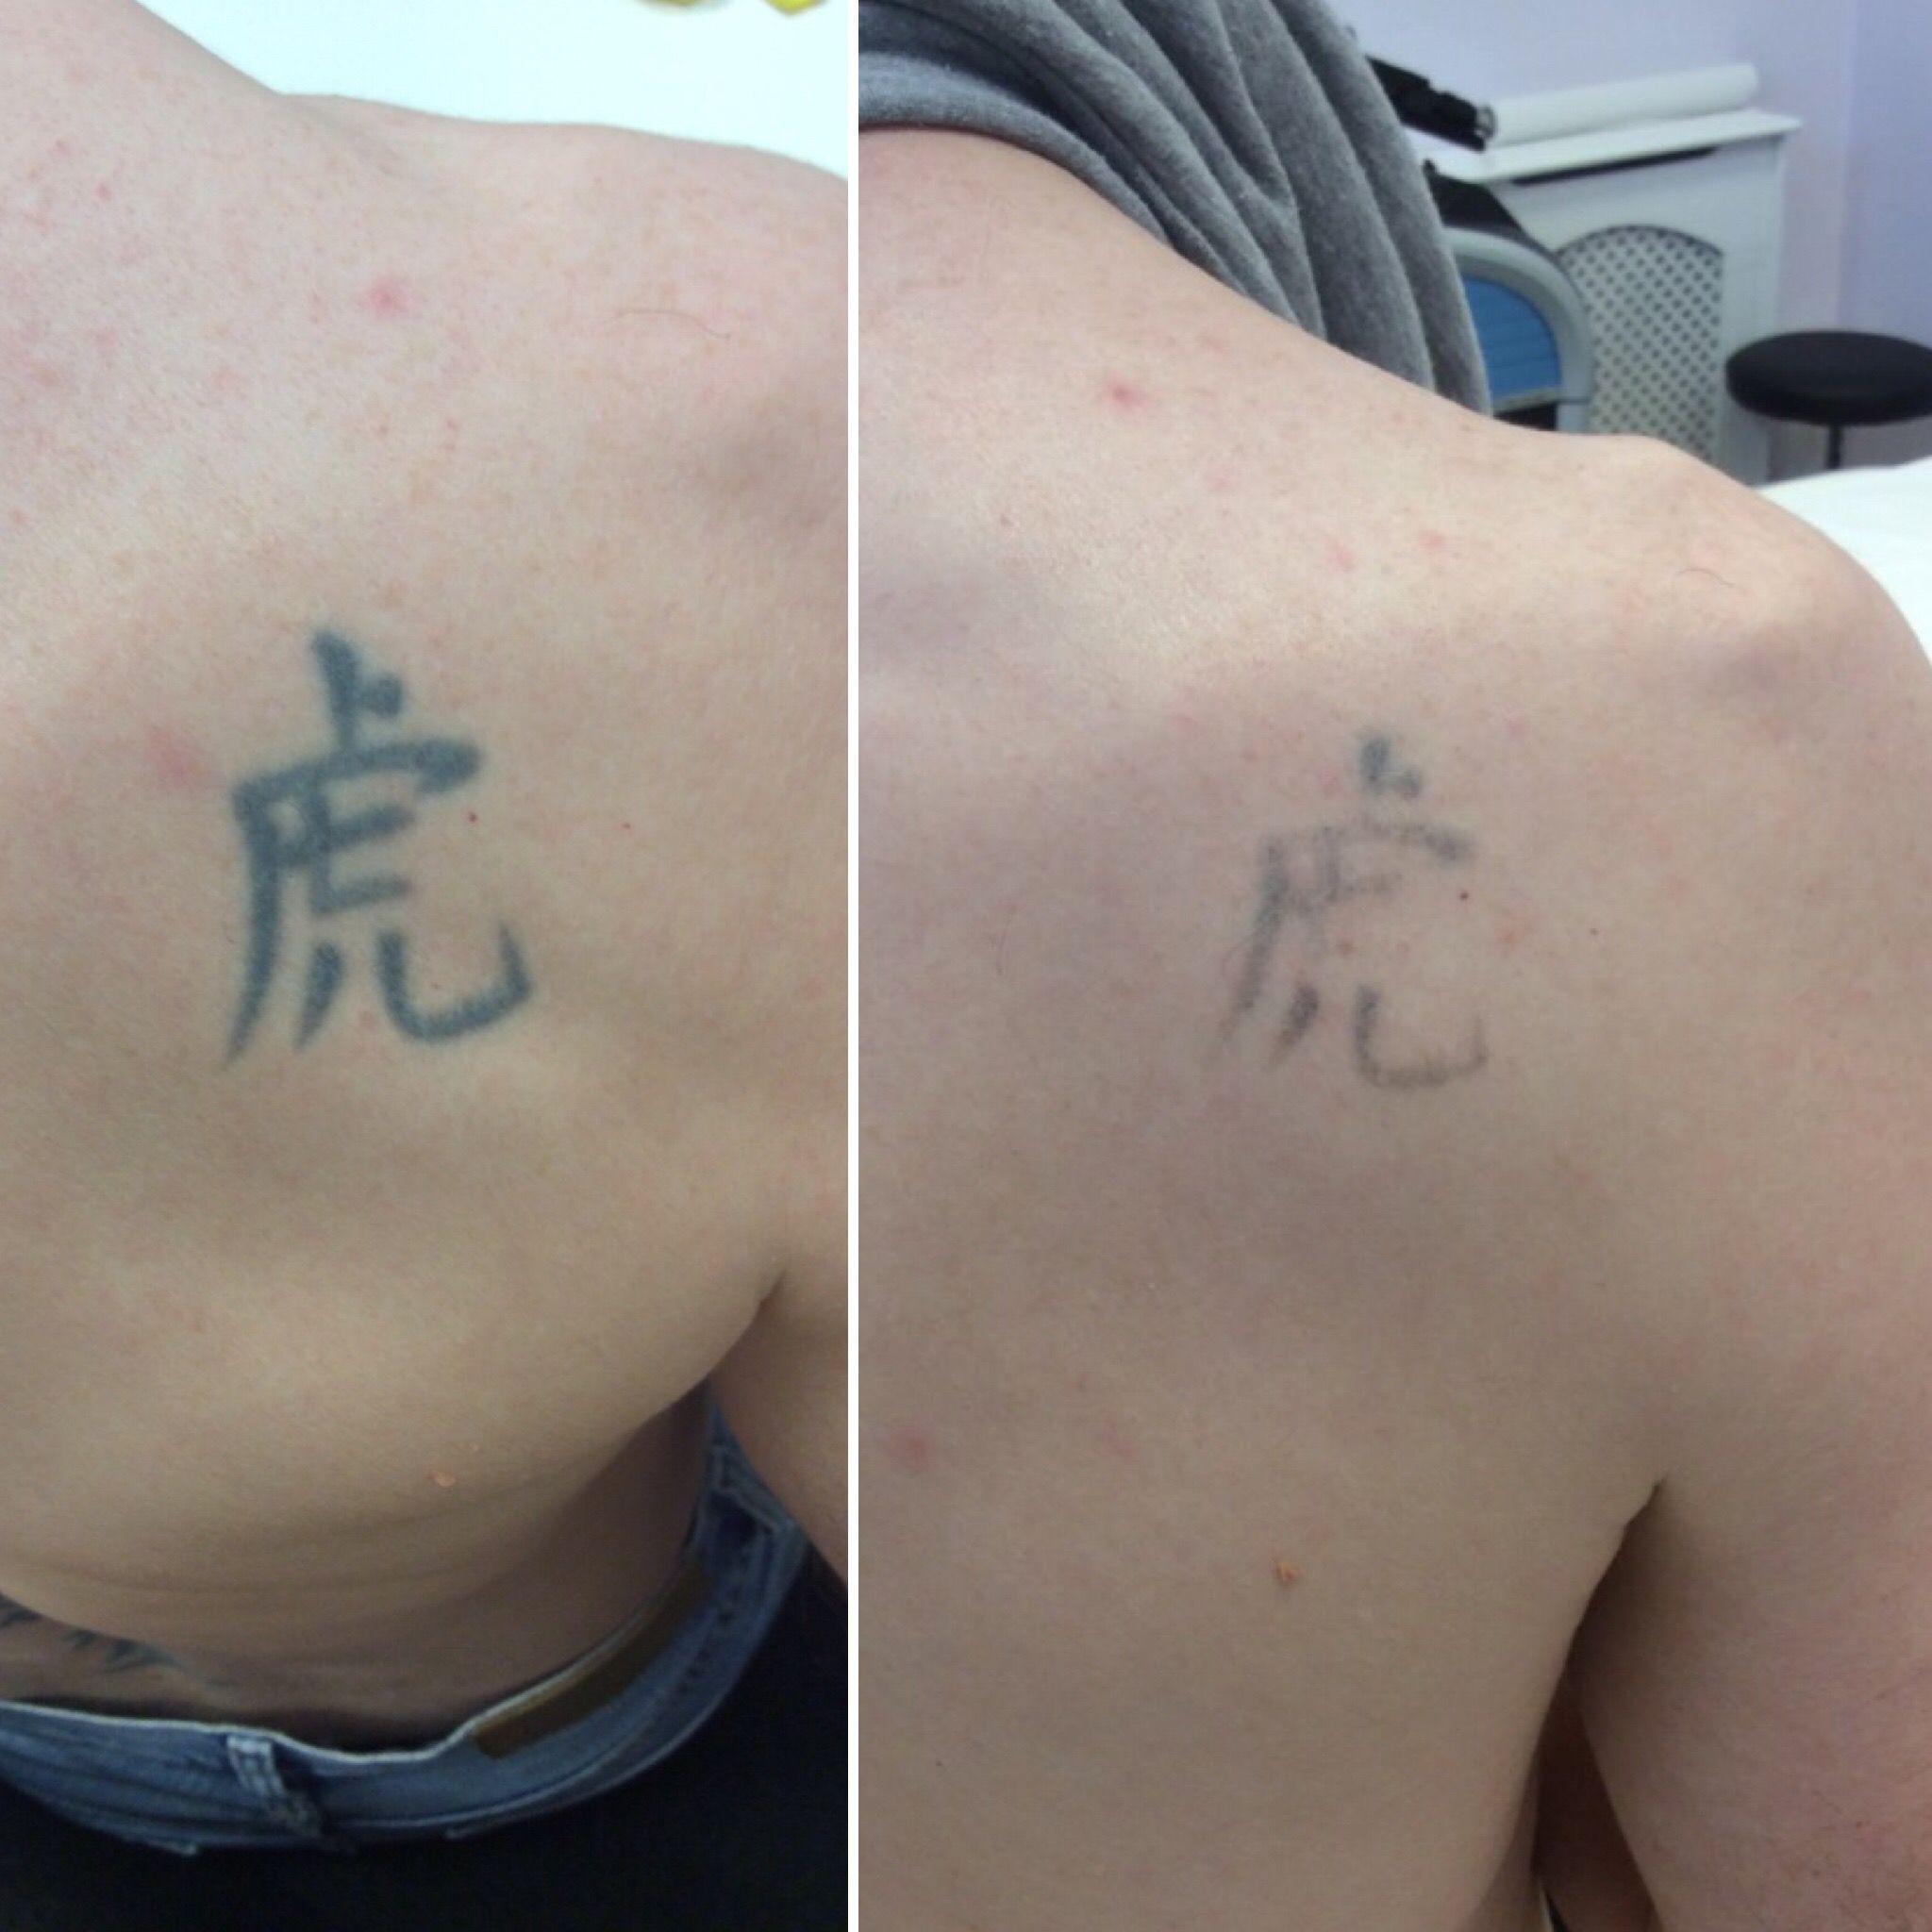 Specialising In Laser Tattoo Removal Skin Rejuvenation Laser Tattoo